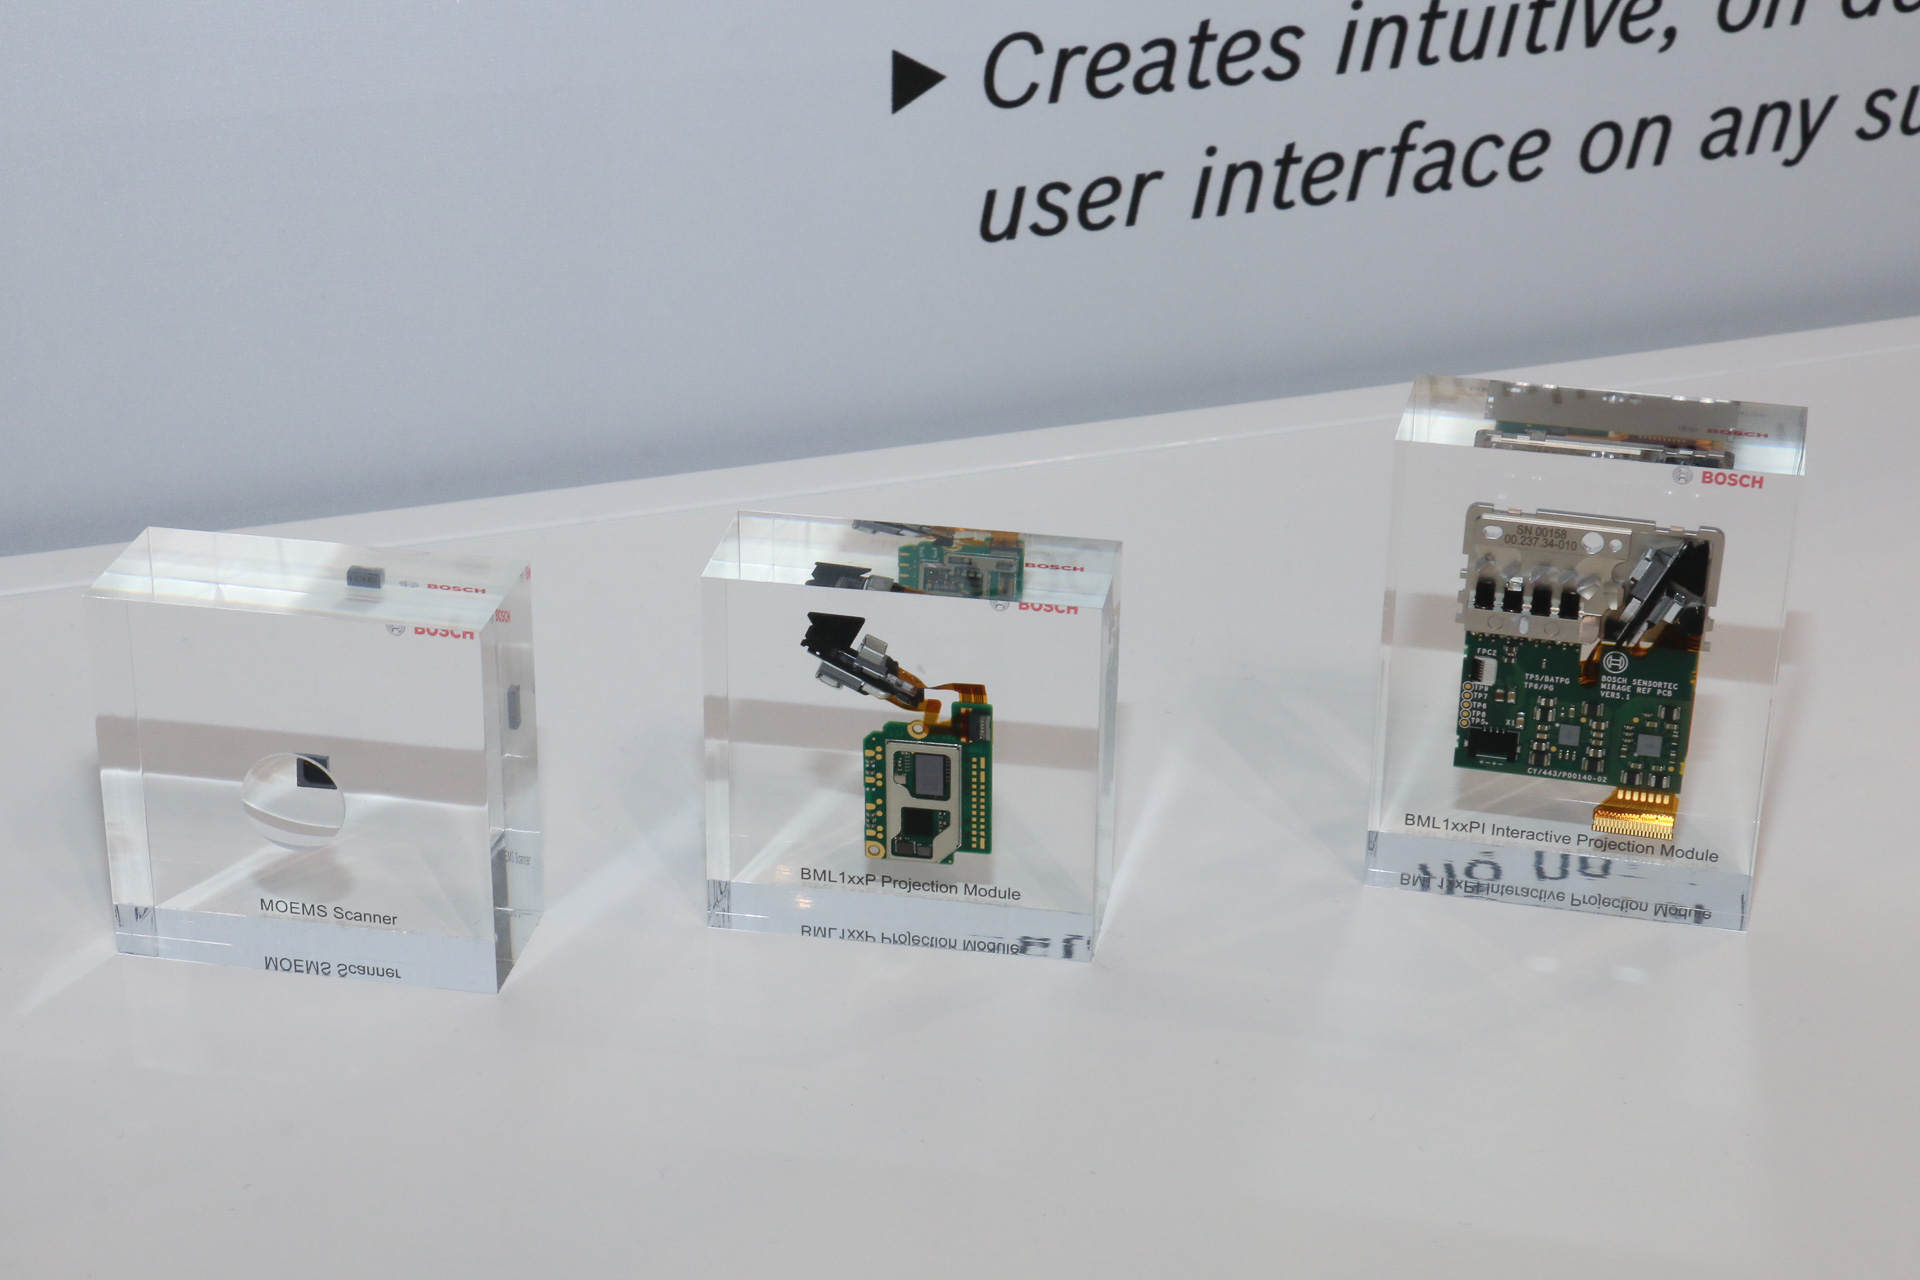 【CEATEC JAPAN 2018】ボッシュ、ヘッドアップディスプレイへの活用で指さし操作も可能になる超小型プロジェクター世界初公開